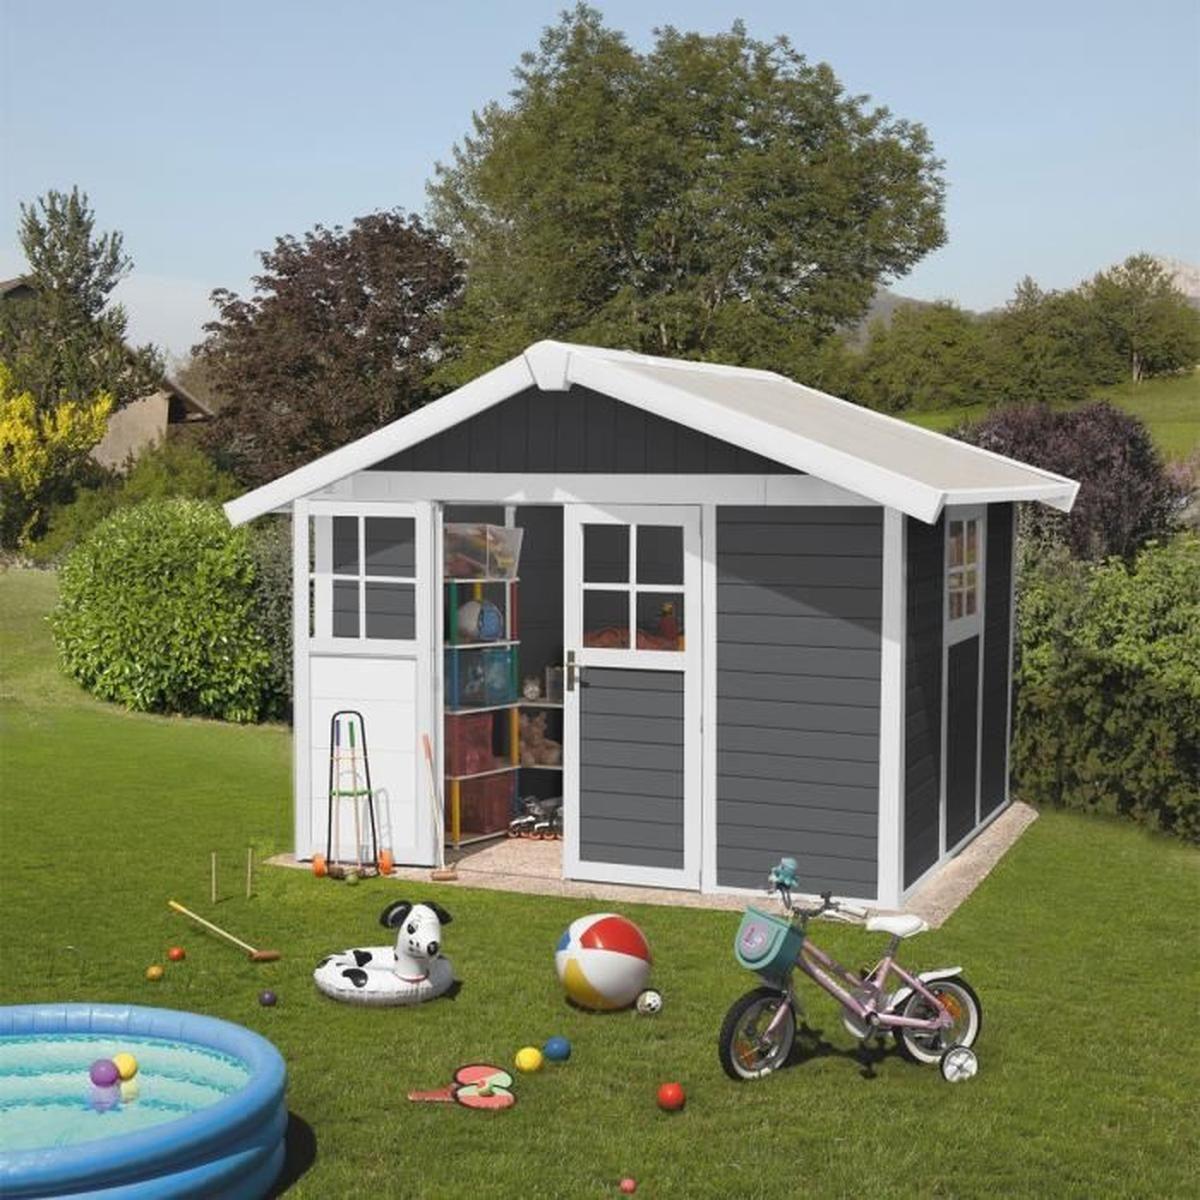 Abri De Jardin Deco 7,5 Gris Foncé - 7.5 M² + Kit D'ancrage ... destiné Abri De Jardin En Kit